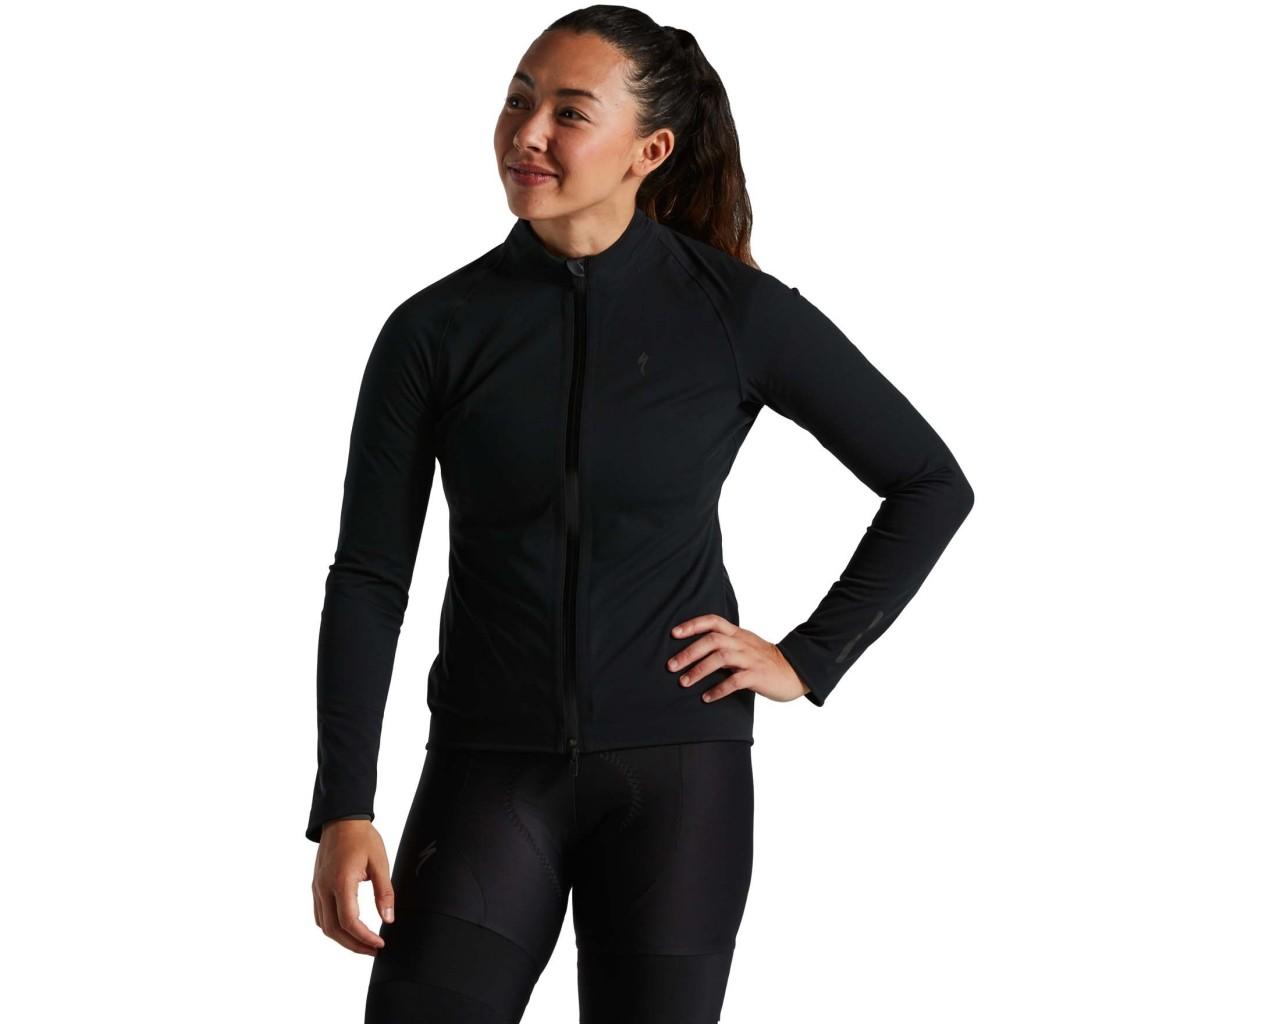 Specialized Race-Series Damen Regenjacke | black